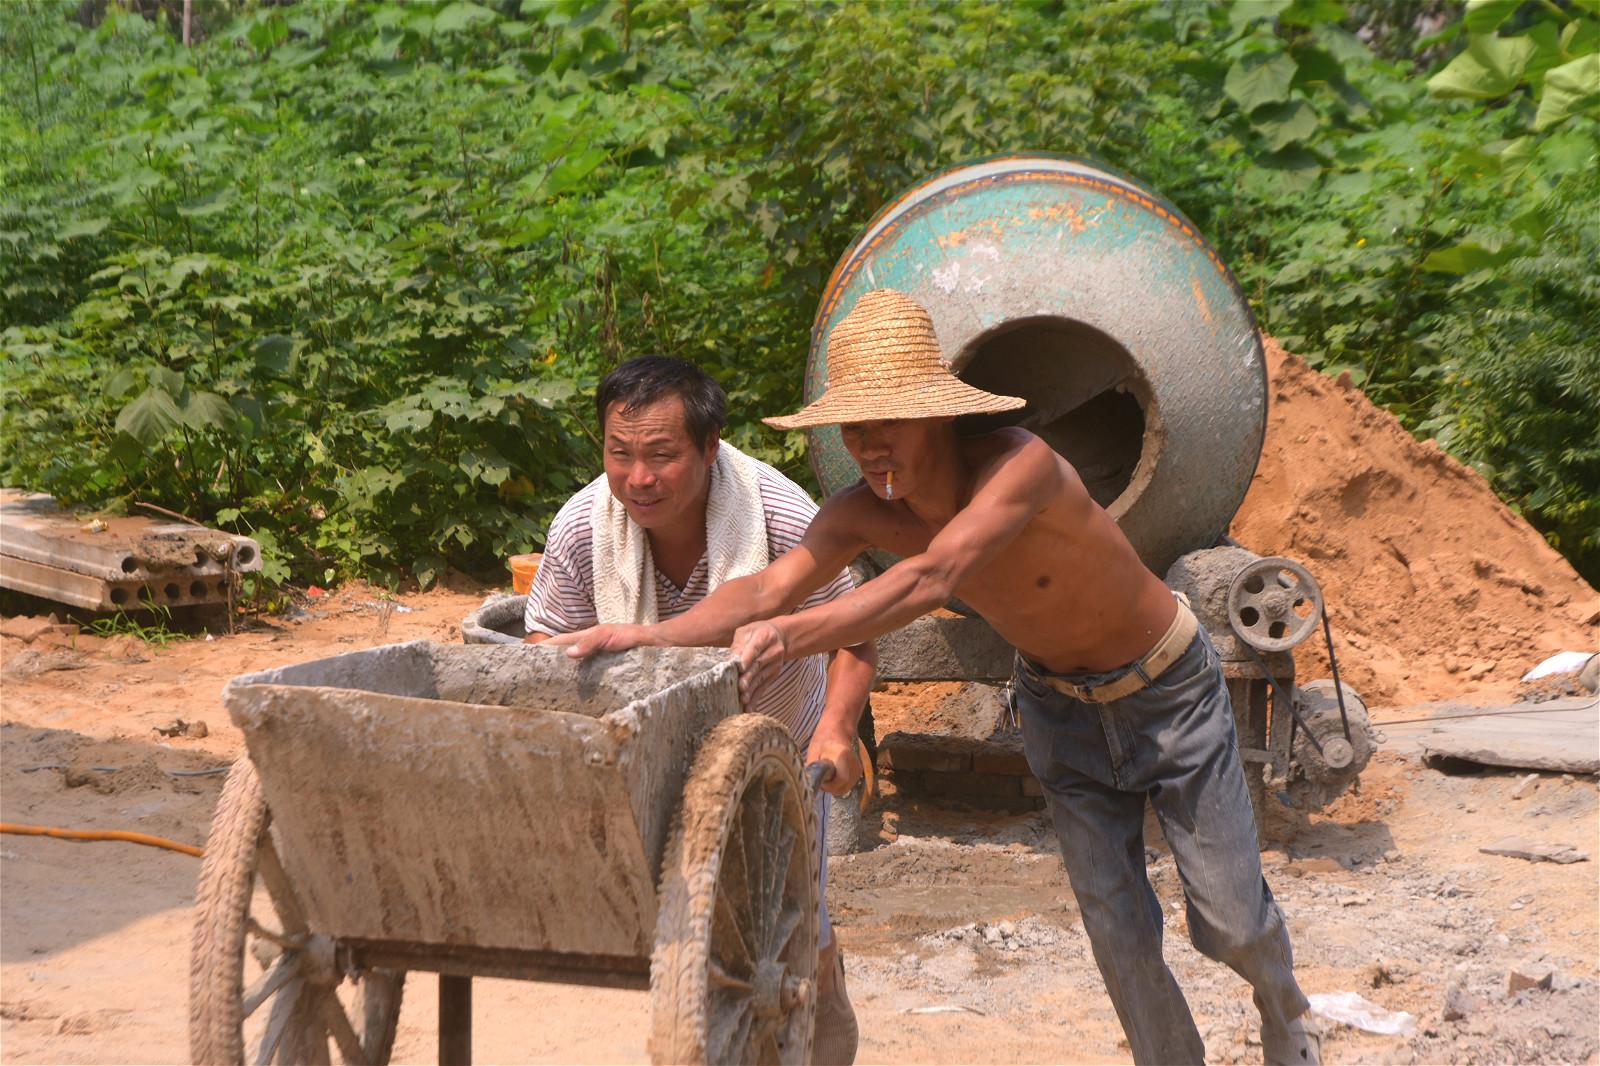 农村人放弃外出挣高薪,选择家门口打工,一举三得引邻居称赞